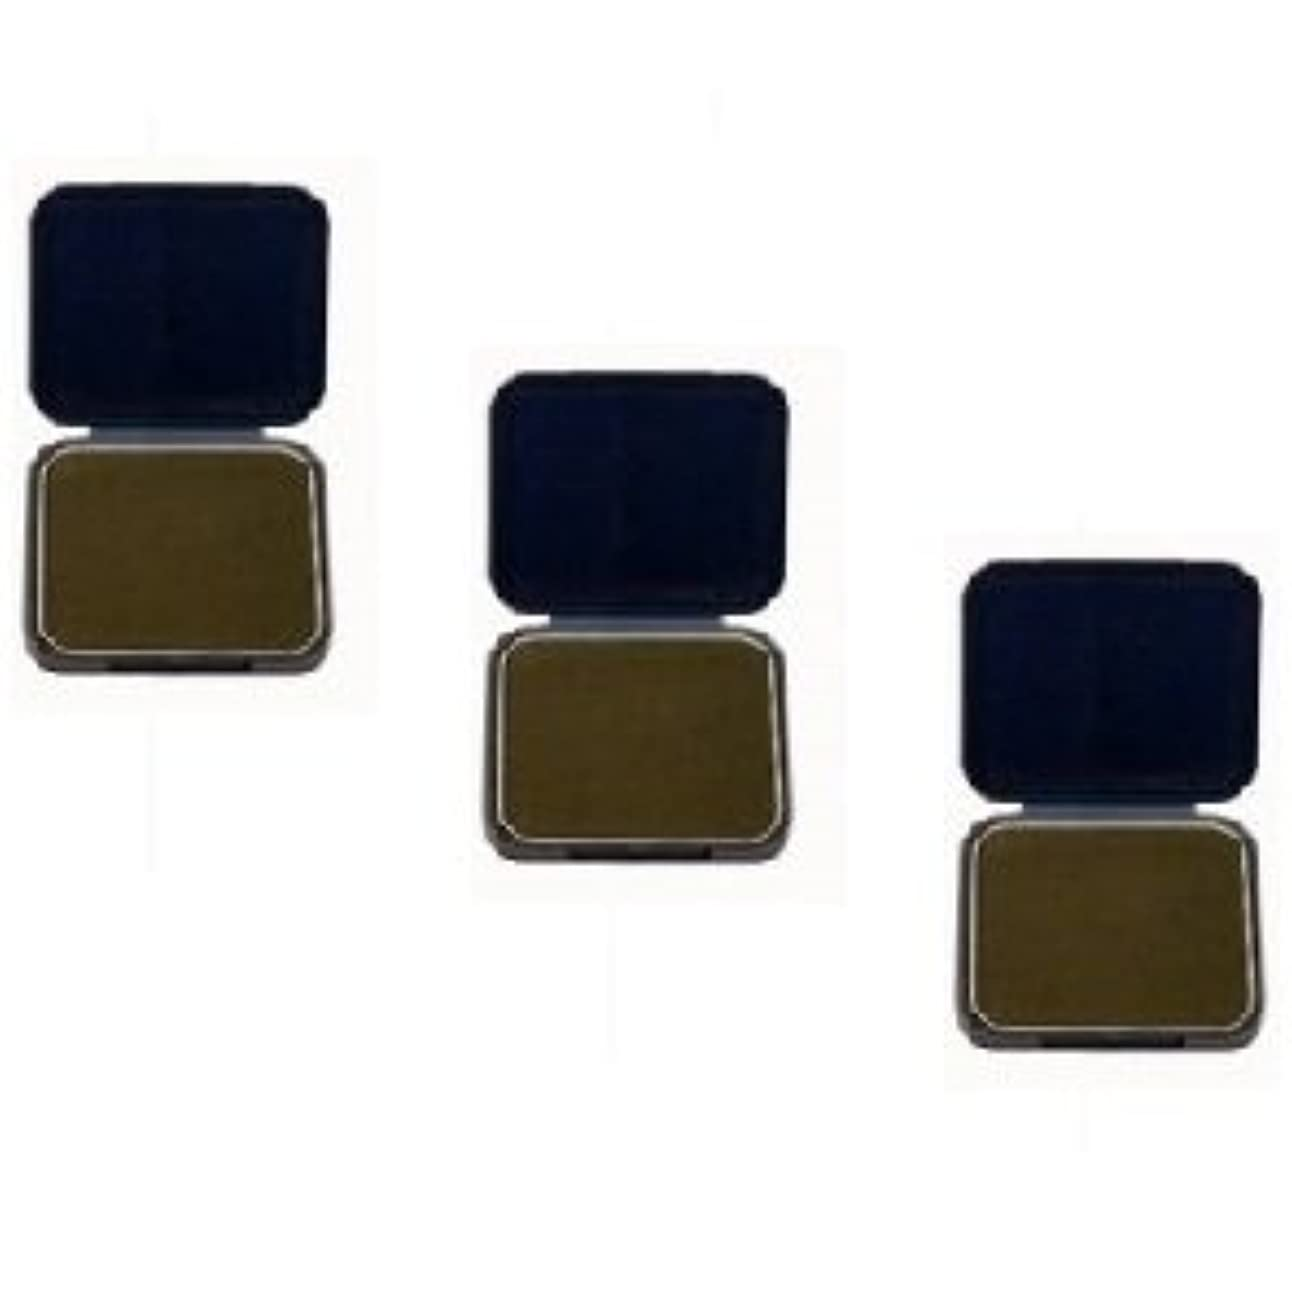 突破口溶接バンガロー【3個セット】 アモロス 黒彩 ヘアファンデーション 13g 栗 詰替え用レフィル